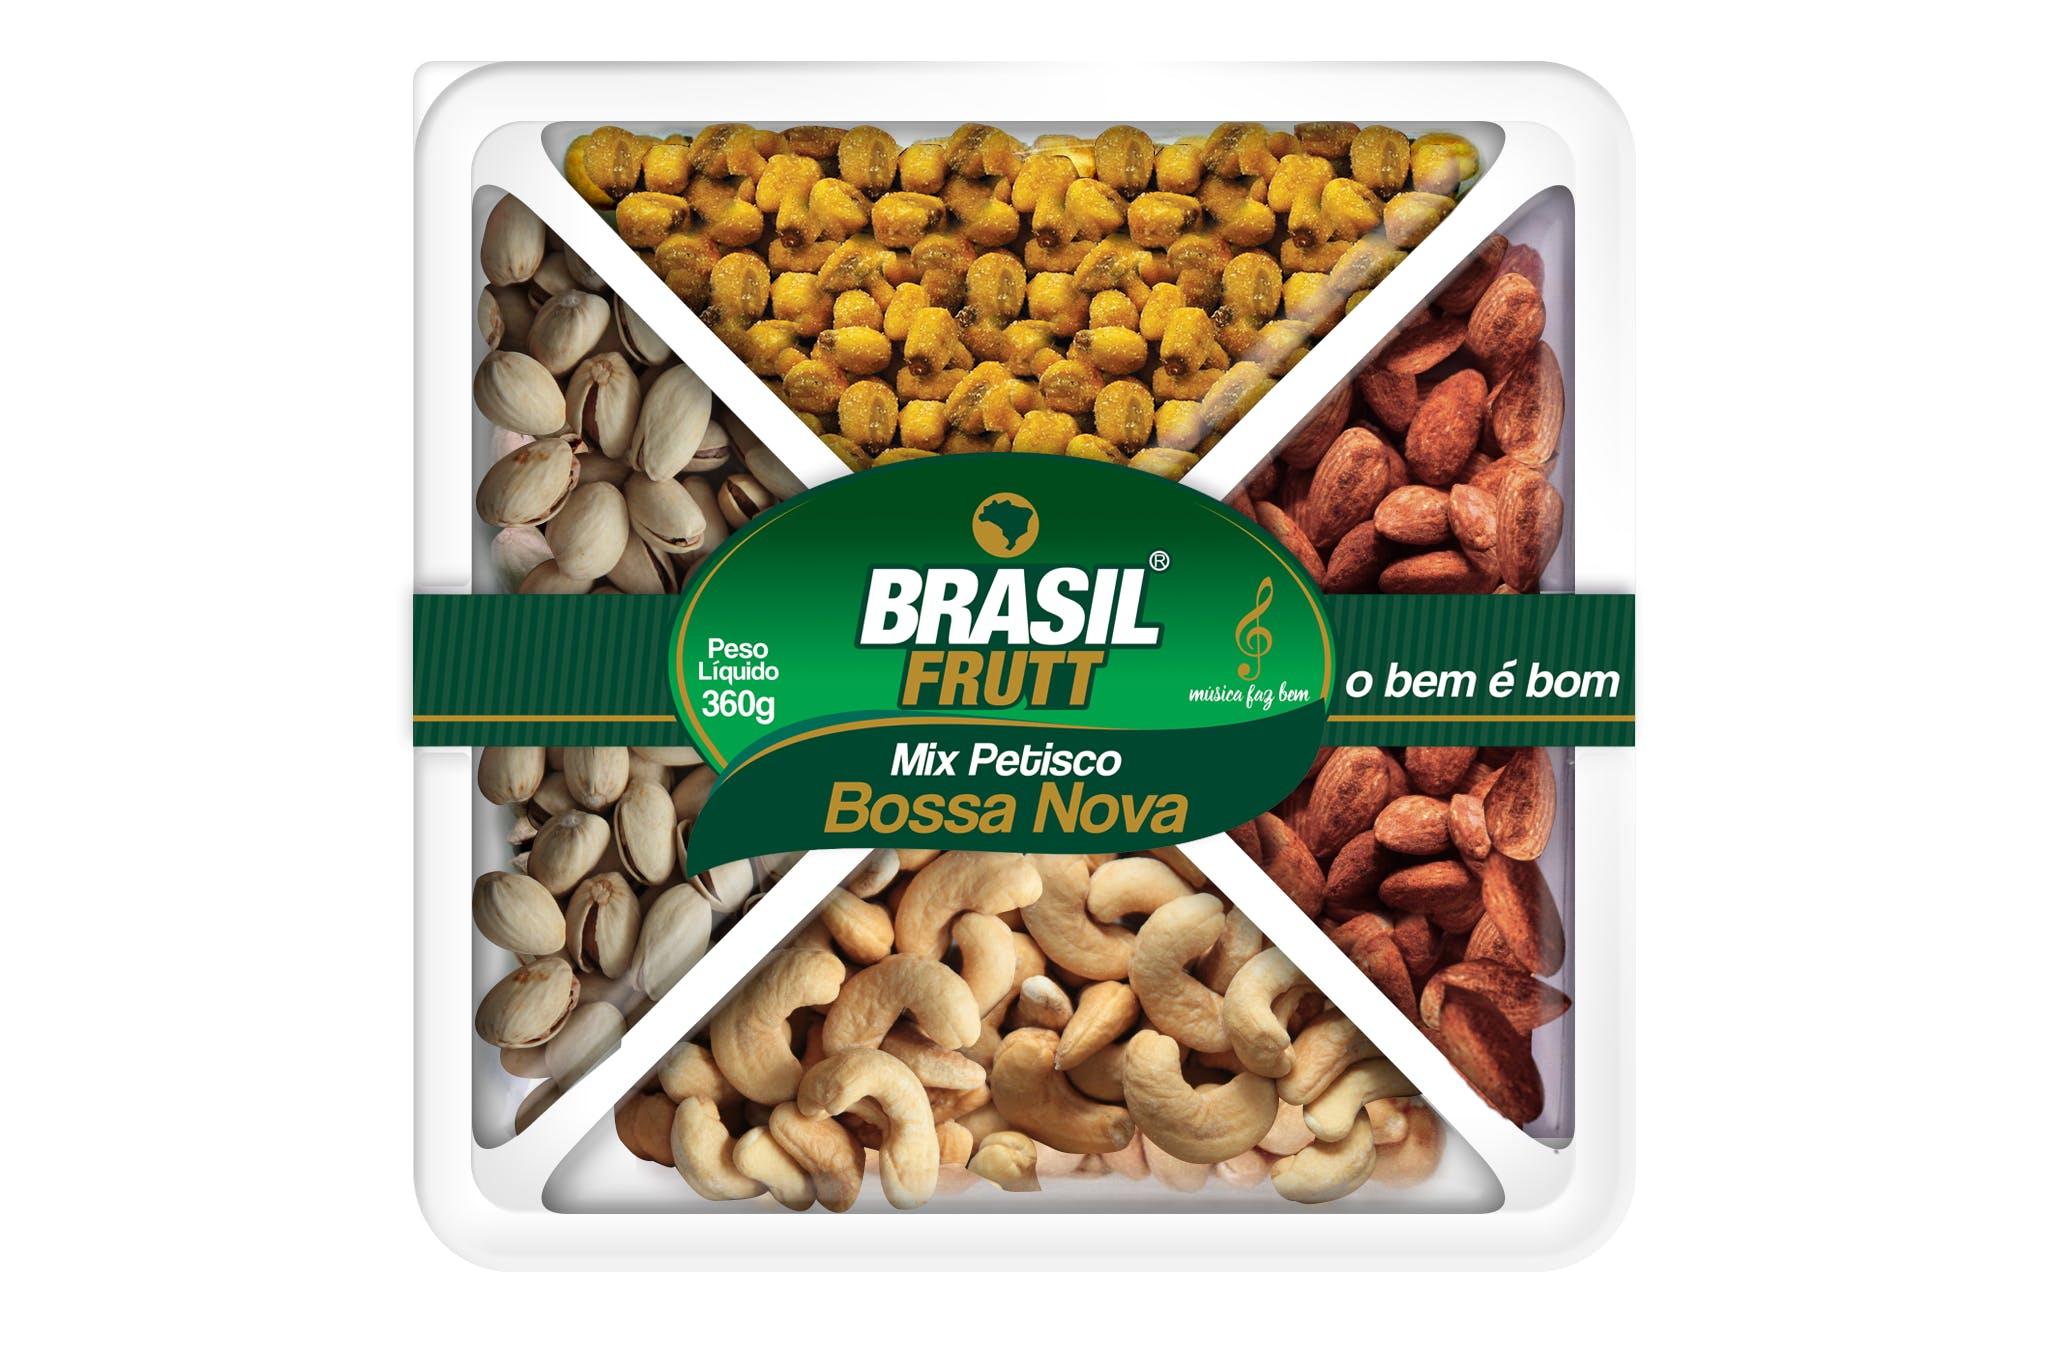 Mix de Petisco Brasil Frutt 360g